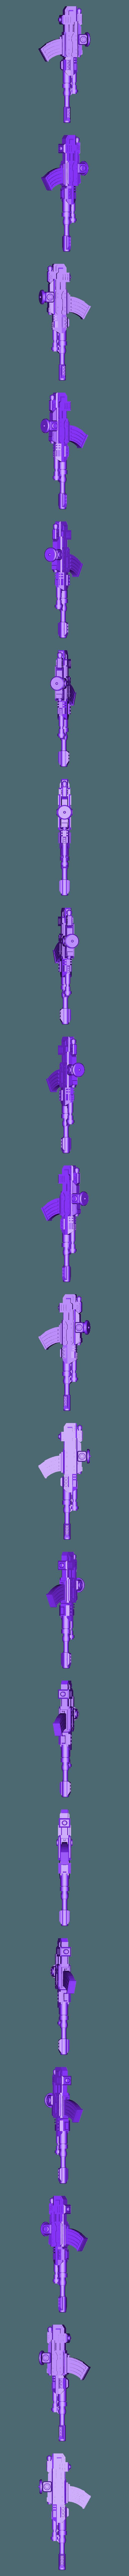 1-100th Defender Layout-HighRez-Cannon1.stl Télécharger fichier STL gratuit 1/100e de l'échelle Defender Mech • Design pour imprimante 3D, johnbearross